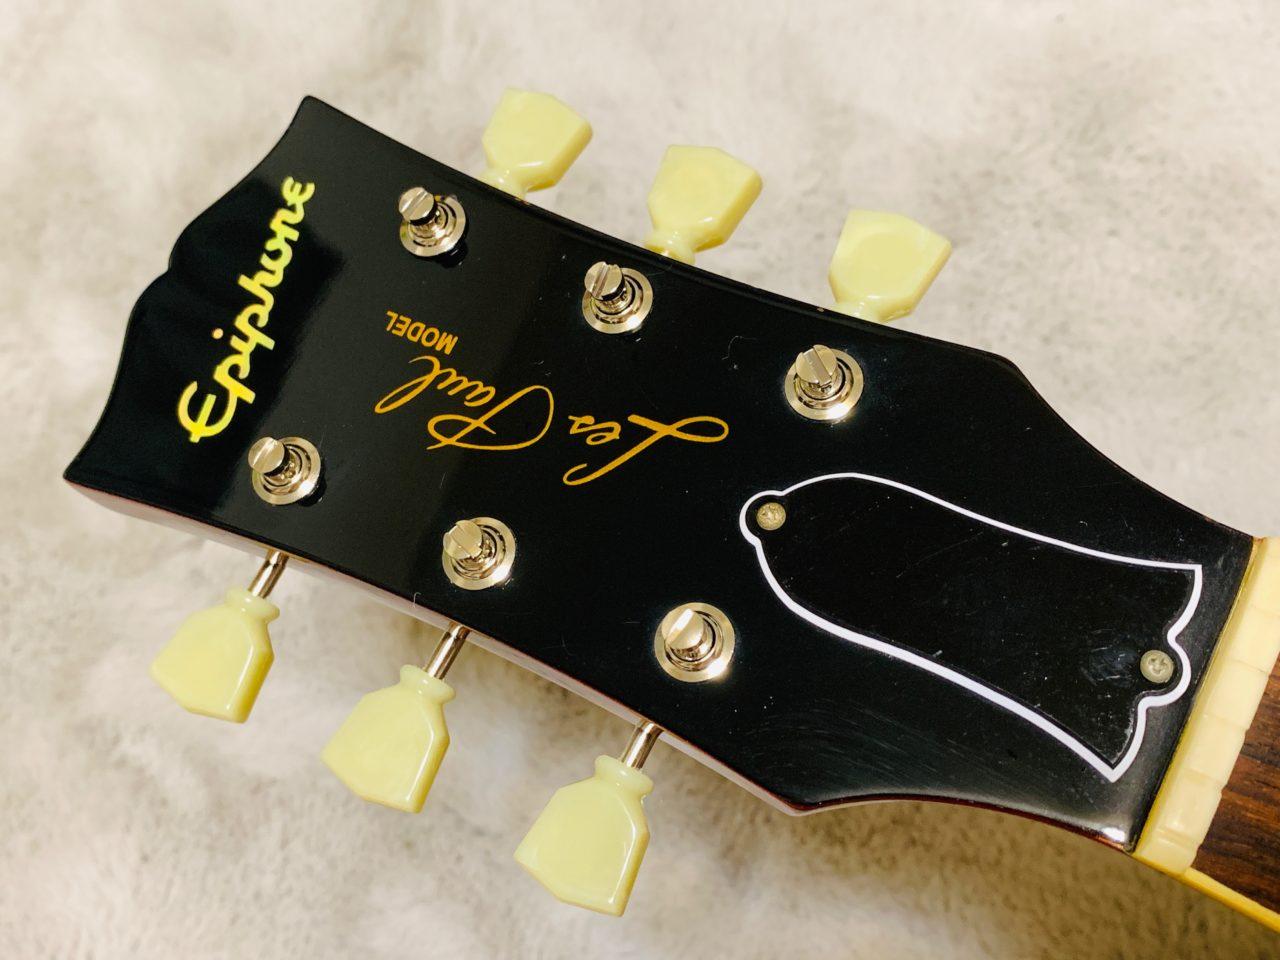 【ギターのペグ交換】レスポールにGOTOHのマグナムロックを取り付けてみた!